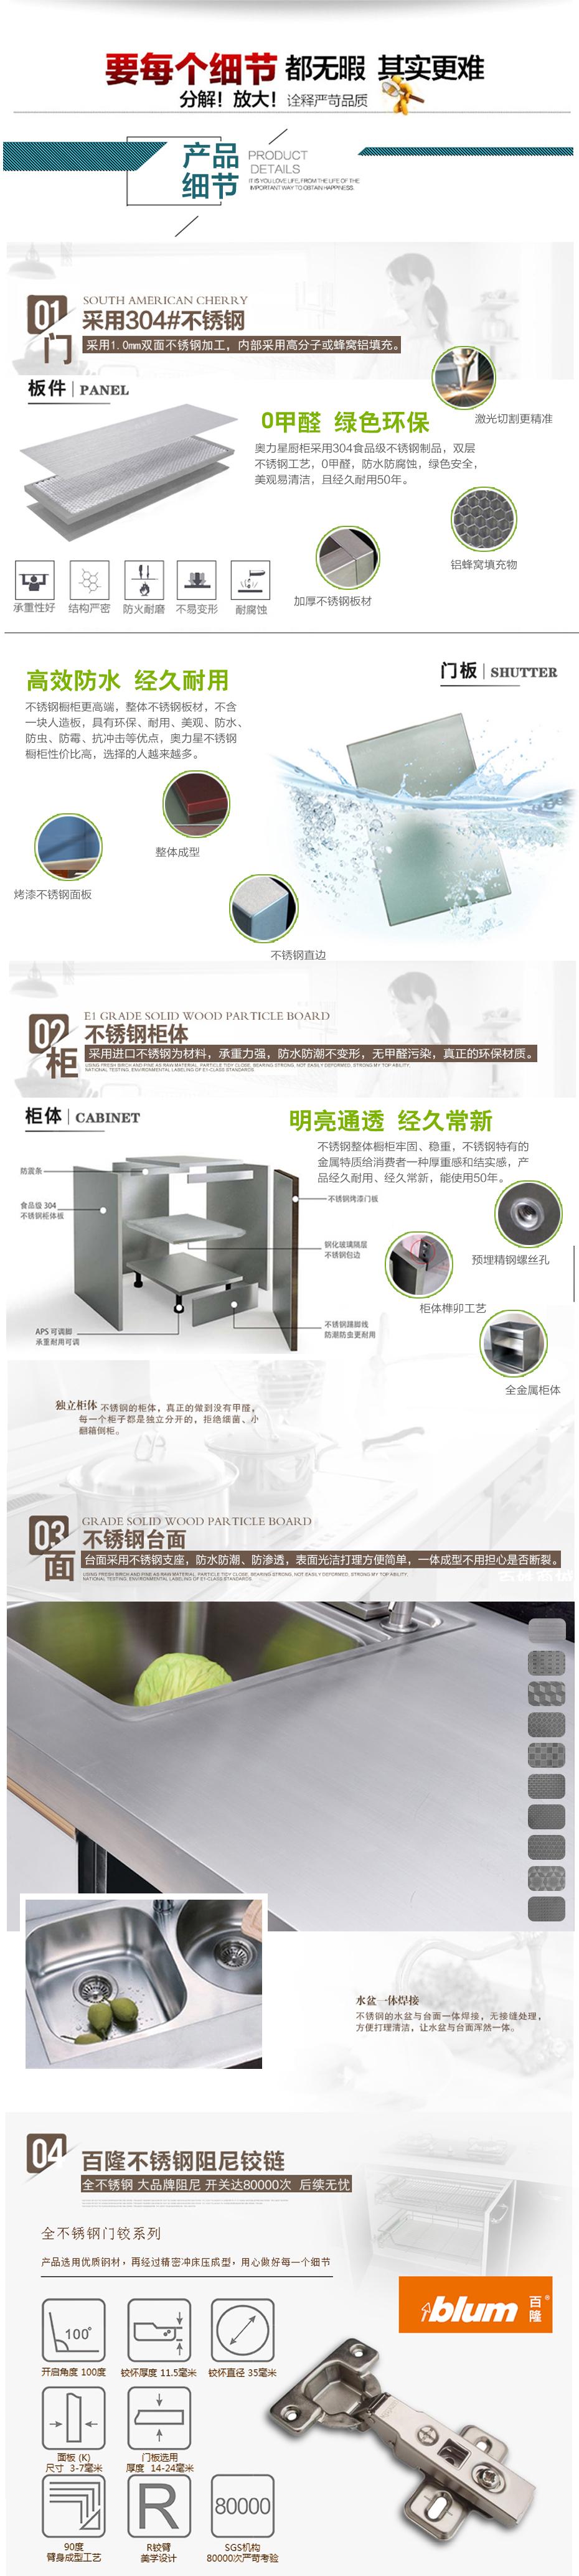 高端不锈钢橱柜的具体产品细节